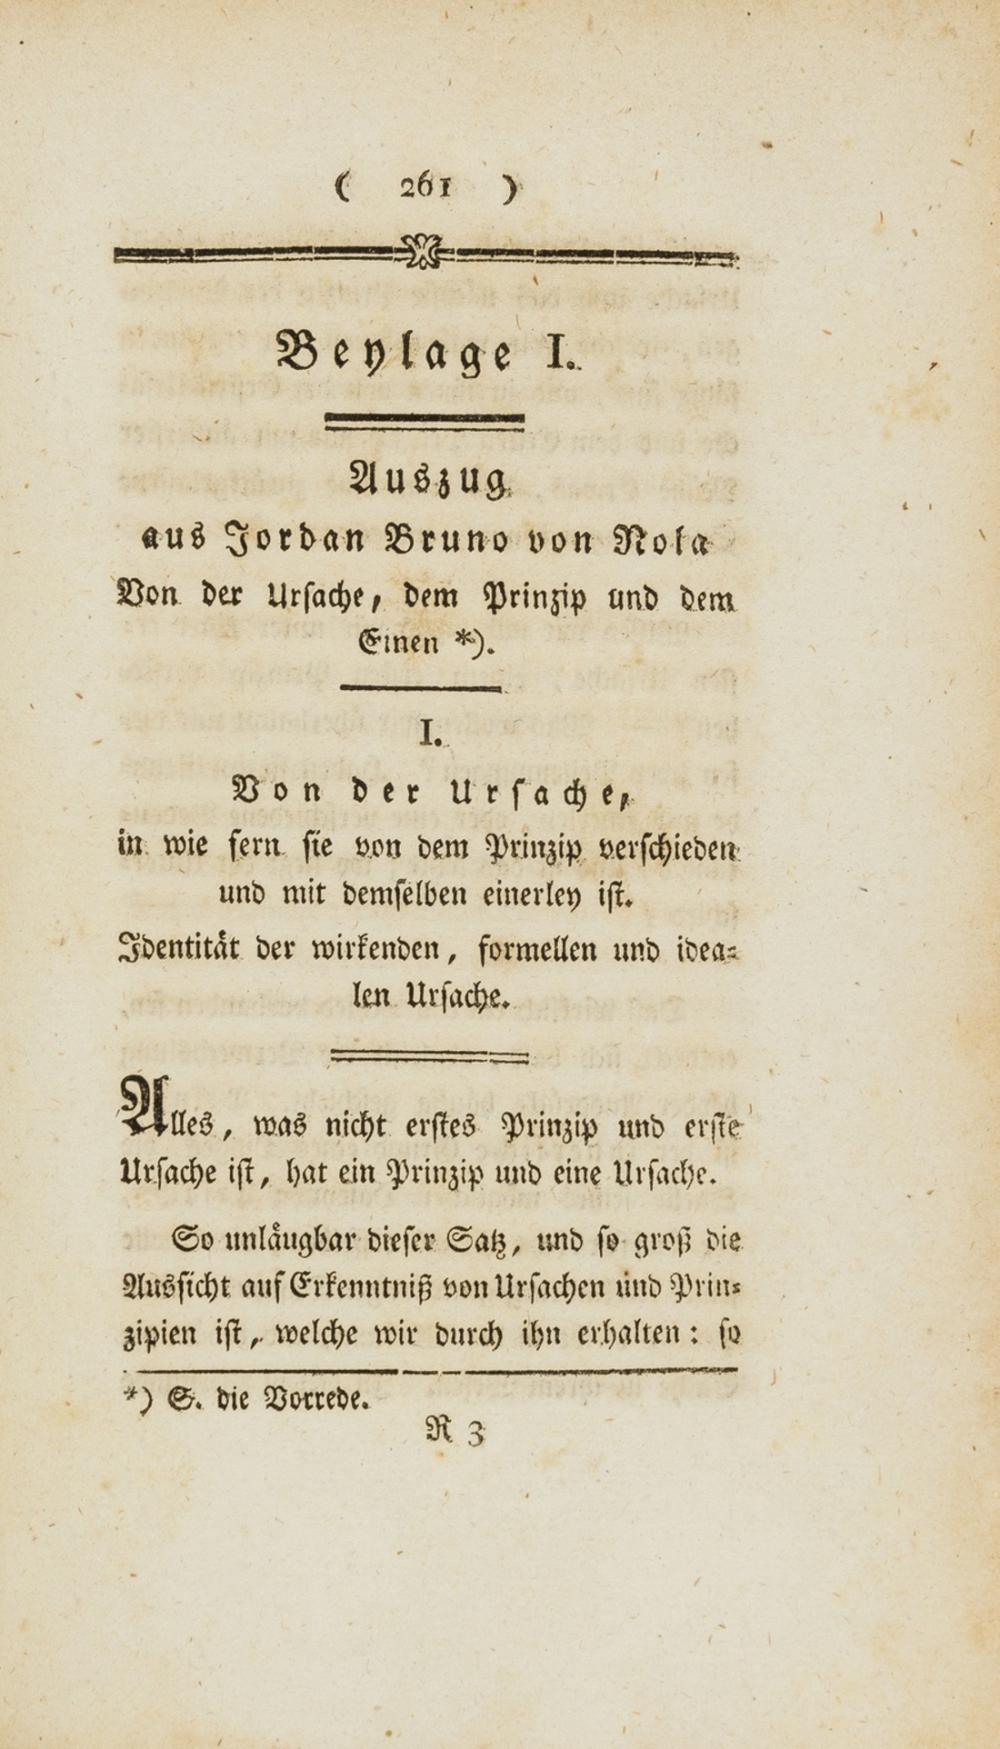 Bruno (Giordano).- Spinoza (Baruch) Ueber die Lehre des Spinoza in Briefen an den Herrn Moses Mendelssohn., Breslau, Löwe, 1789.